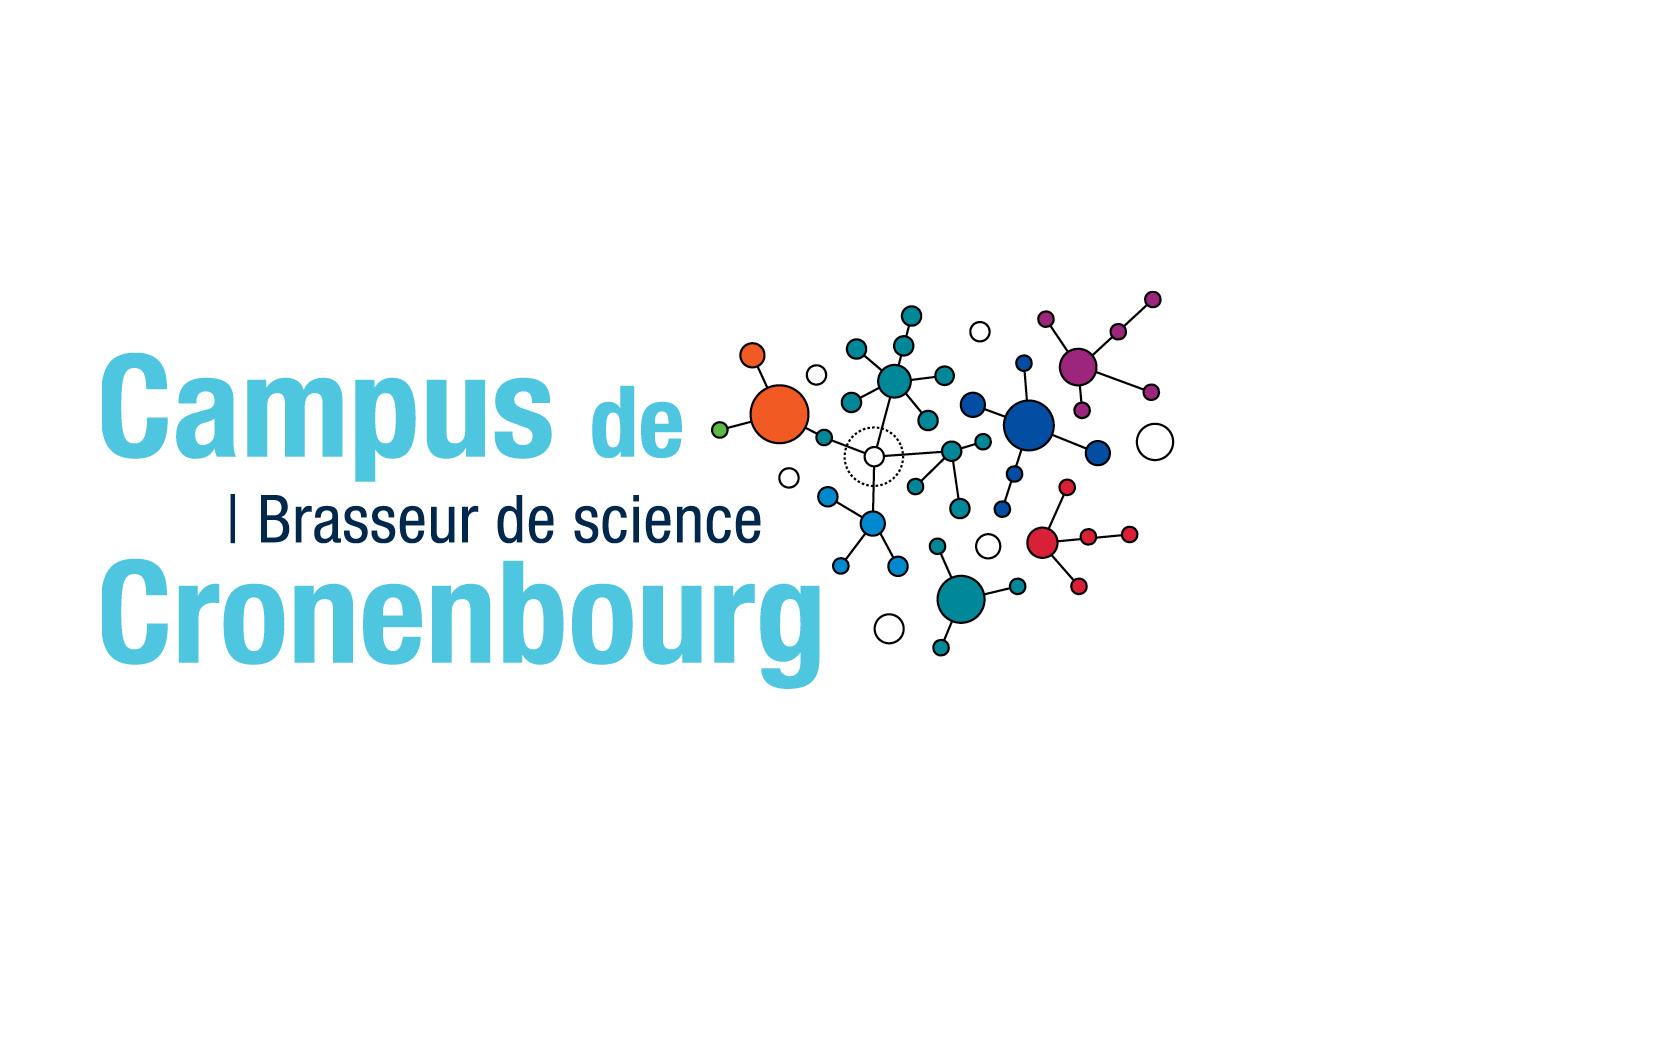 Création du logotype du campus de Cronenbourg, à l'occasion des 50 ans du campus, CNRS délégation Alsace, 2009.